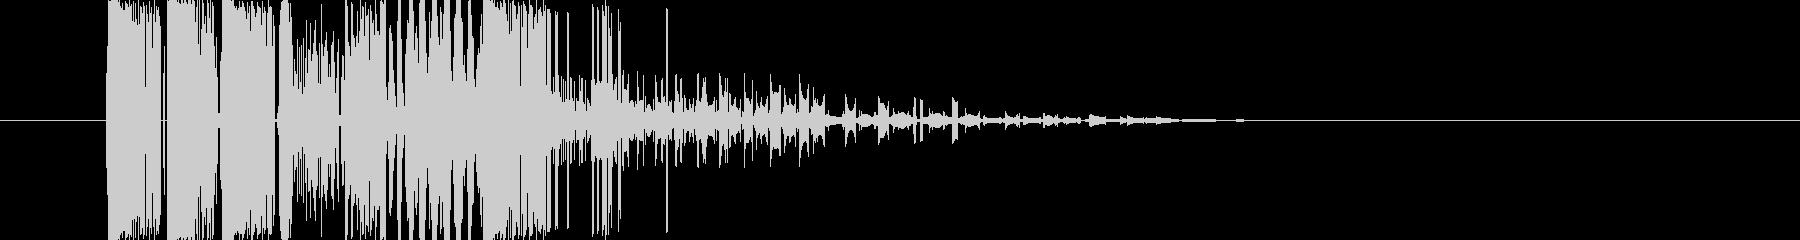 ドラムキックバージョン7の未再生の波形